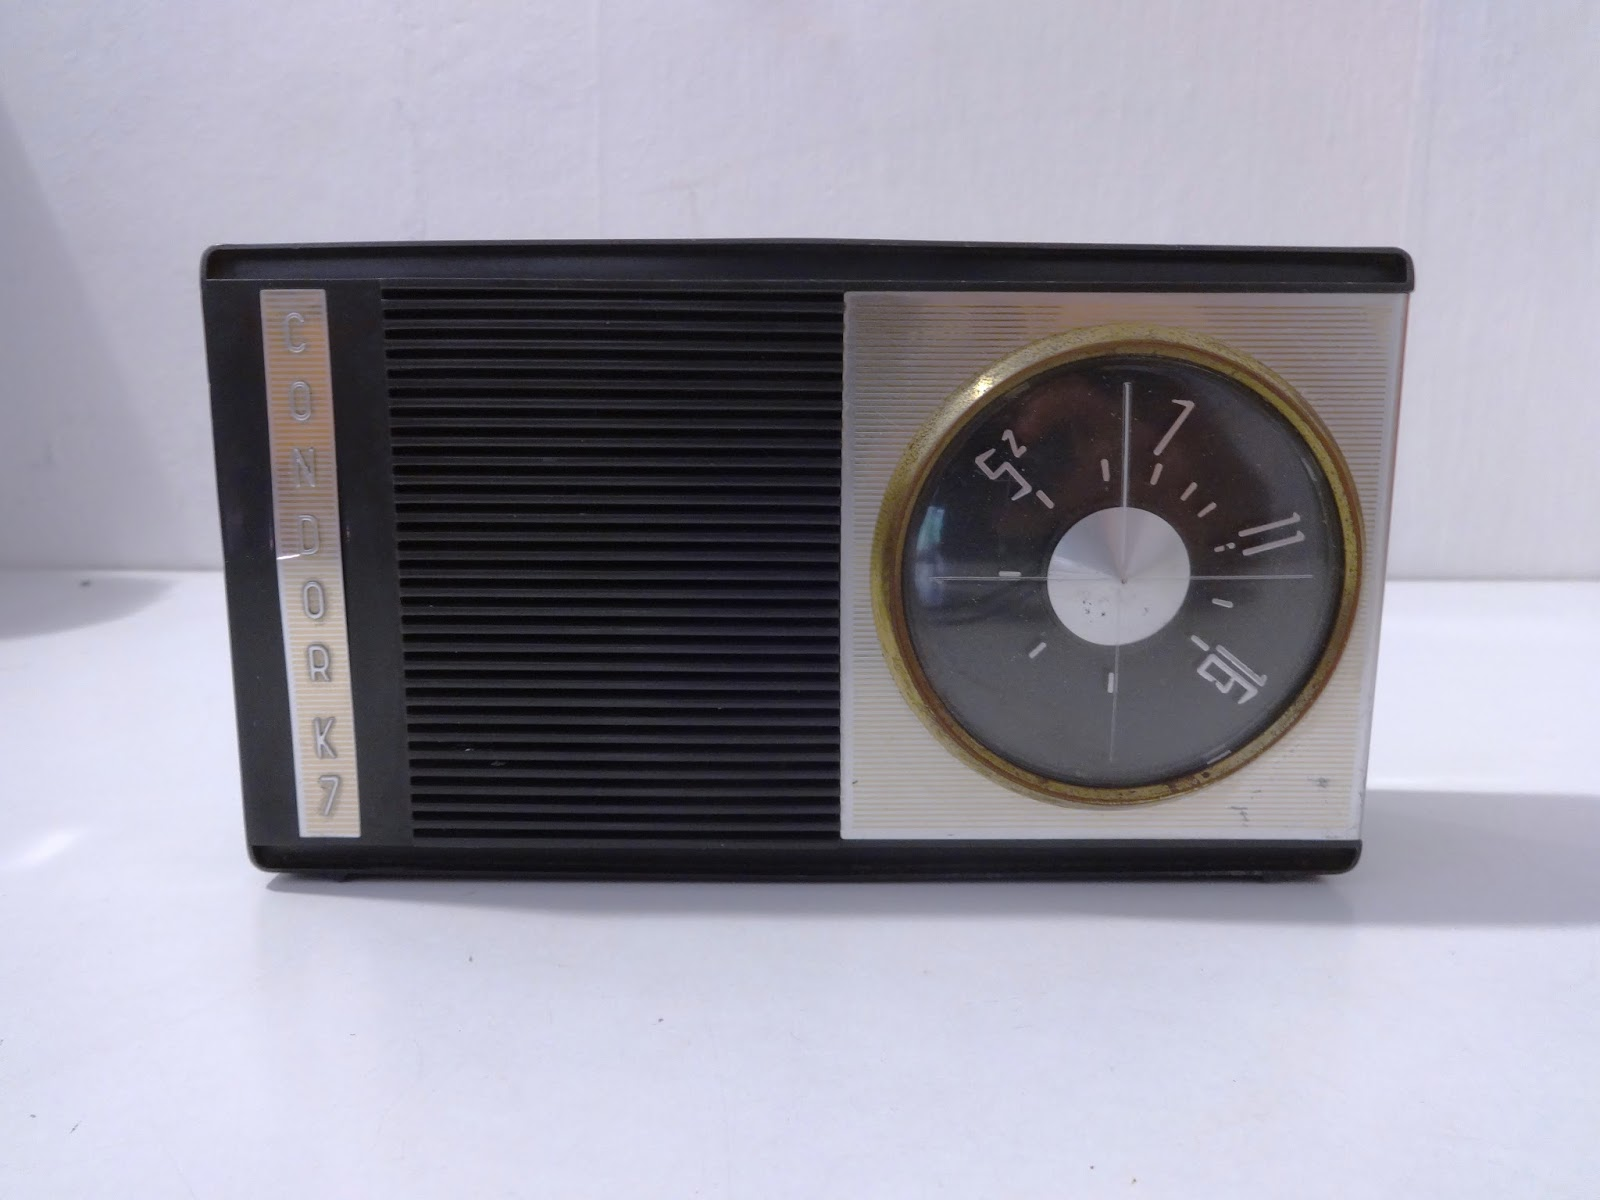 Poważnie mircogarau: Radio transistor Condor K7 2455 non testata vintage SR83